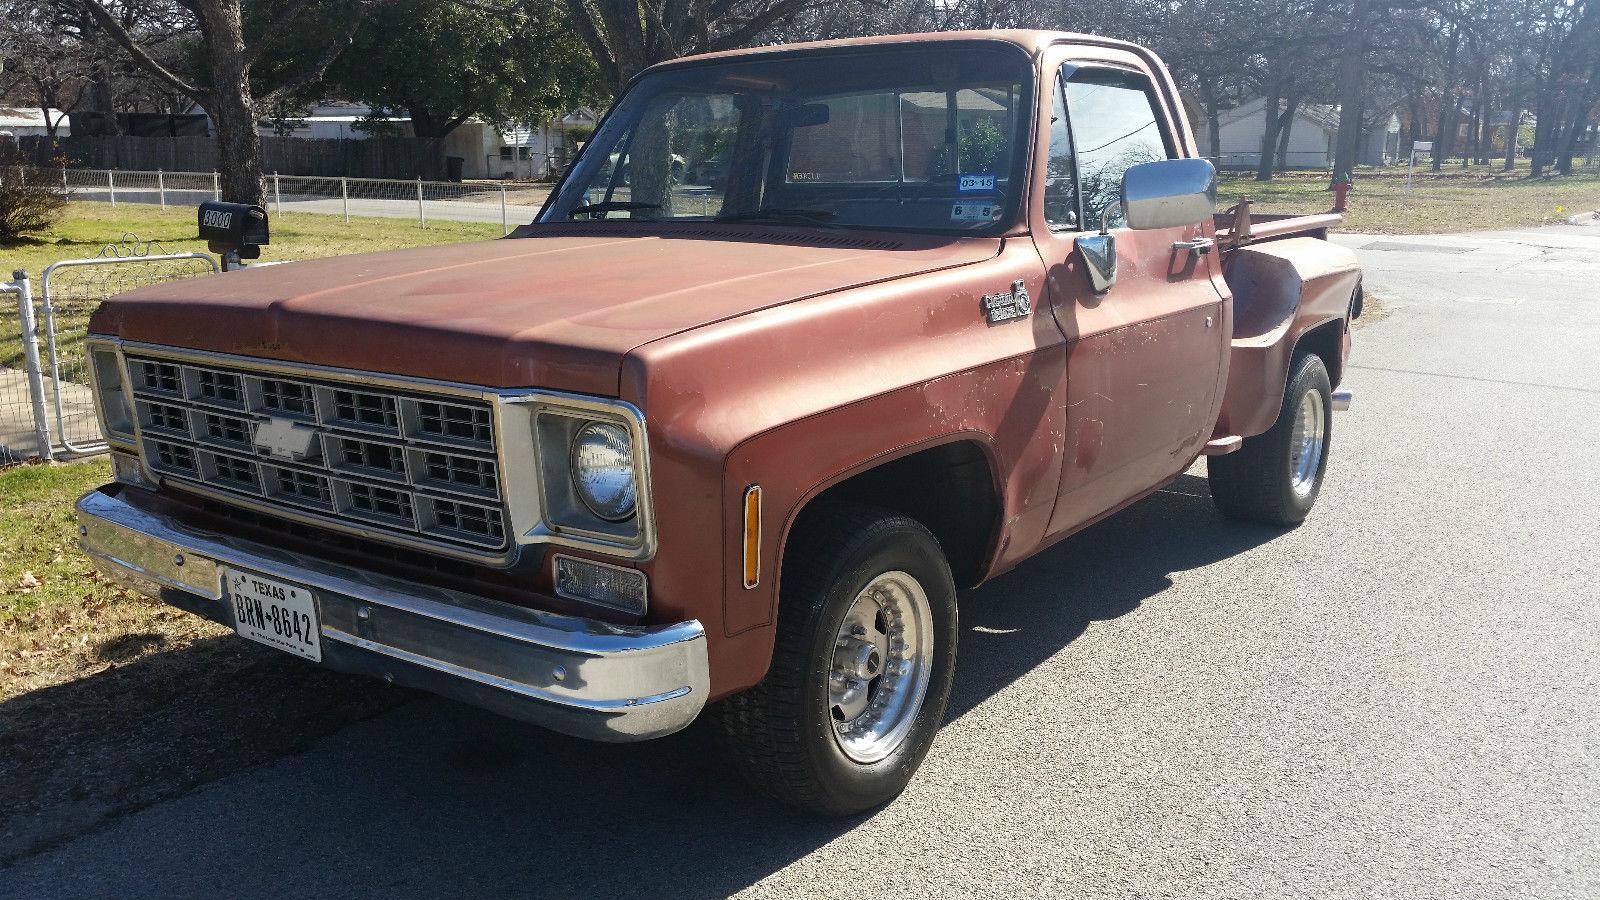 1977 chevy swb stepside pickup truck for sale in haltom. Black Bedroom Furniture Sets. Home Design Ideas